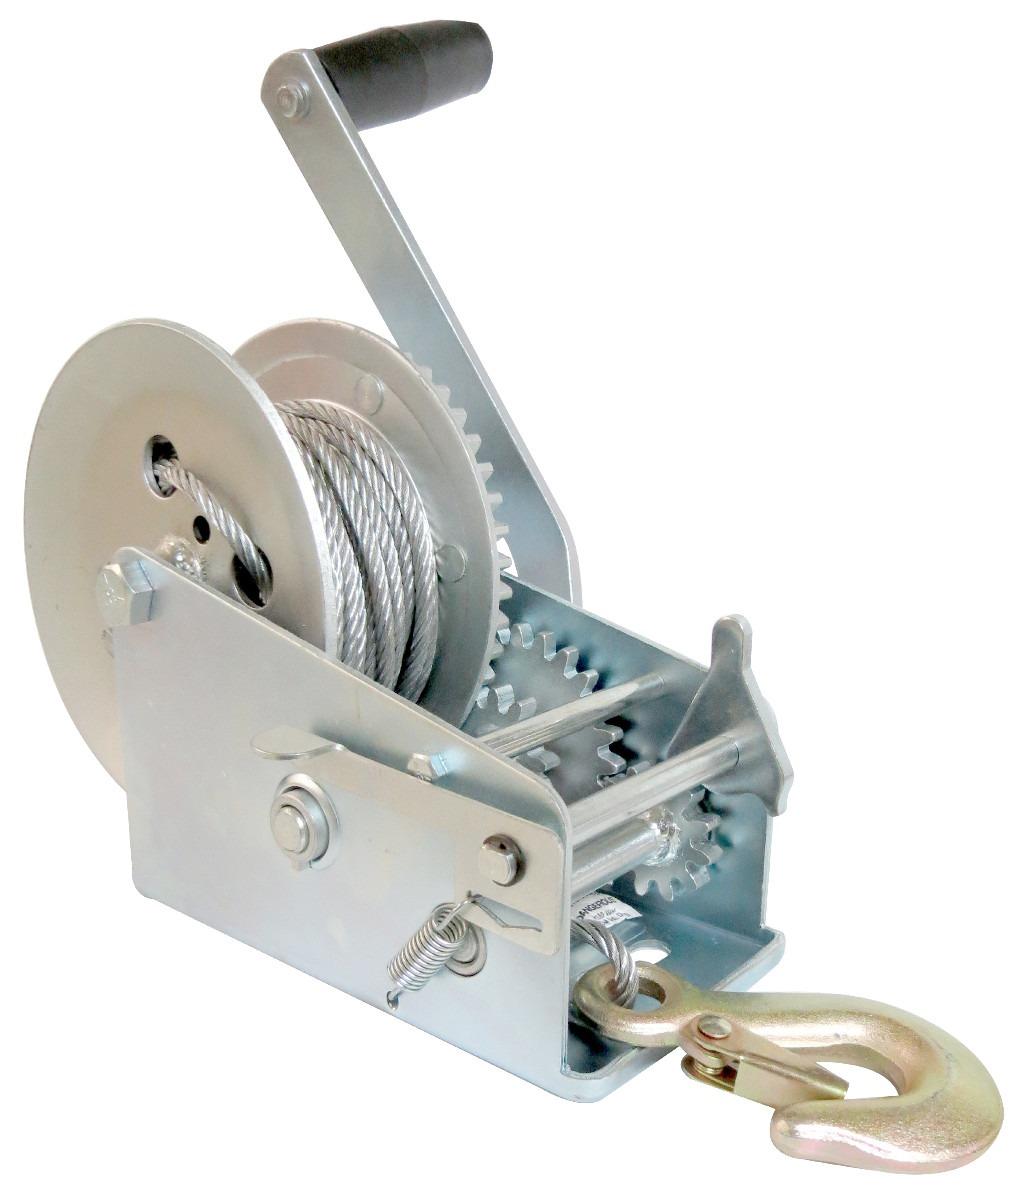 malacate winch manual galvan 600 lbs o 270 kilos y cable 10m